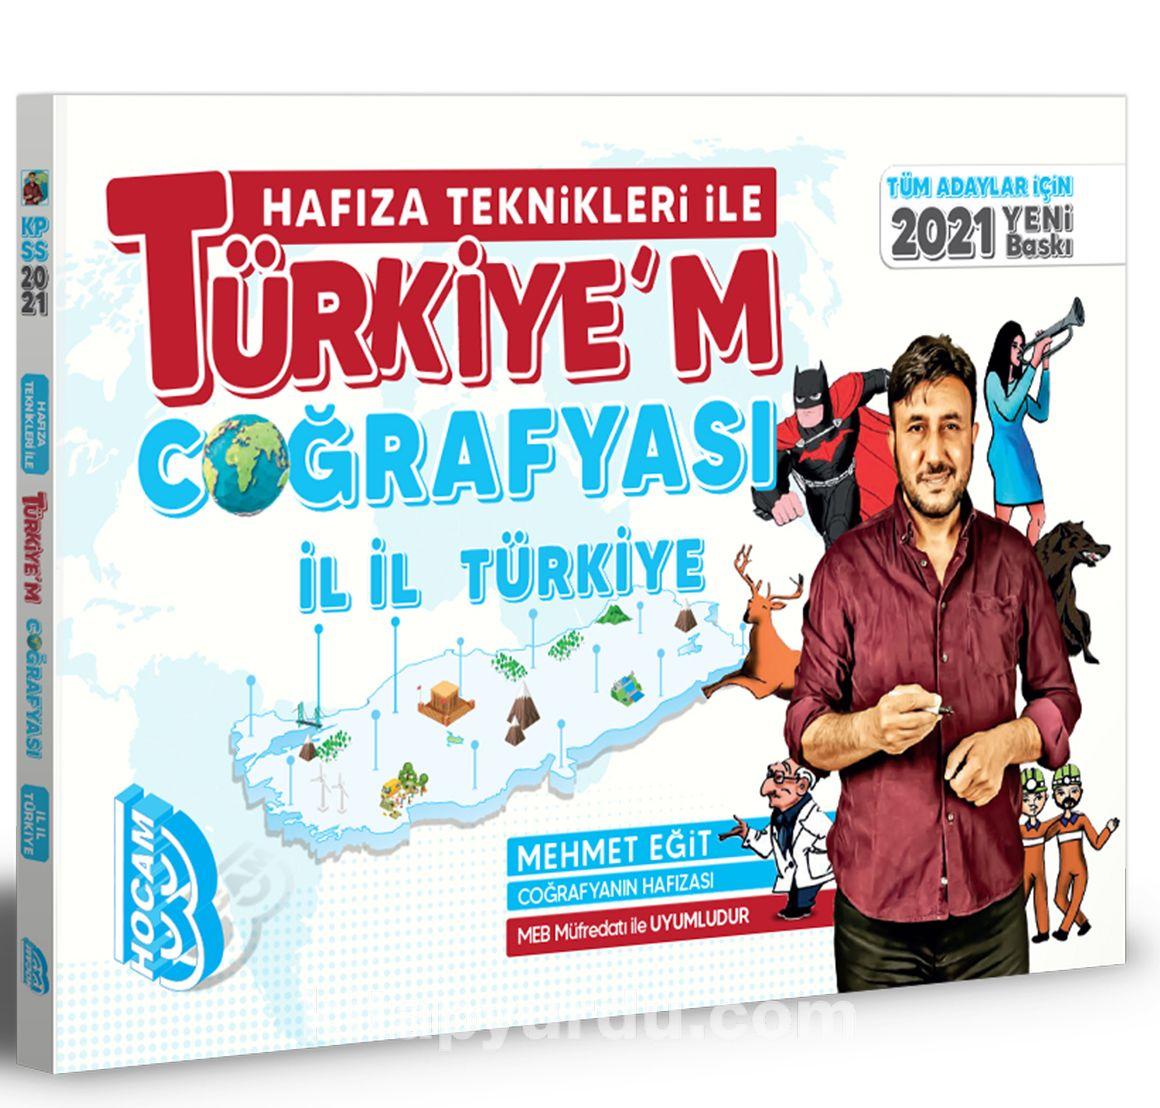 2021 Tüm Adaylar İçin Hafıza Teknikleri İle Türkiye'm Coğrafyası PDF Kitap İndir